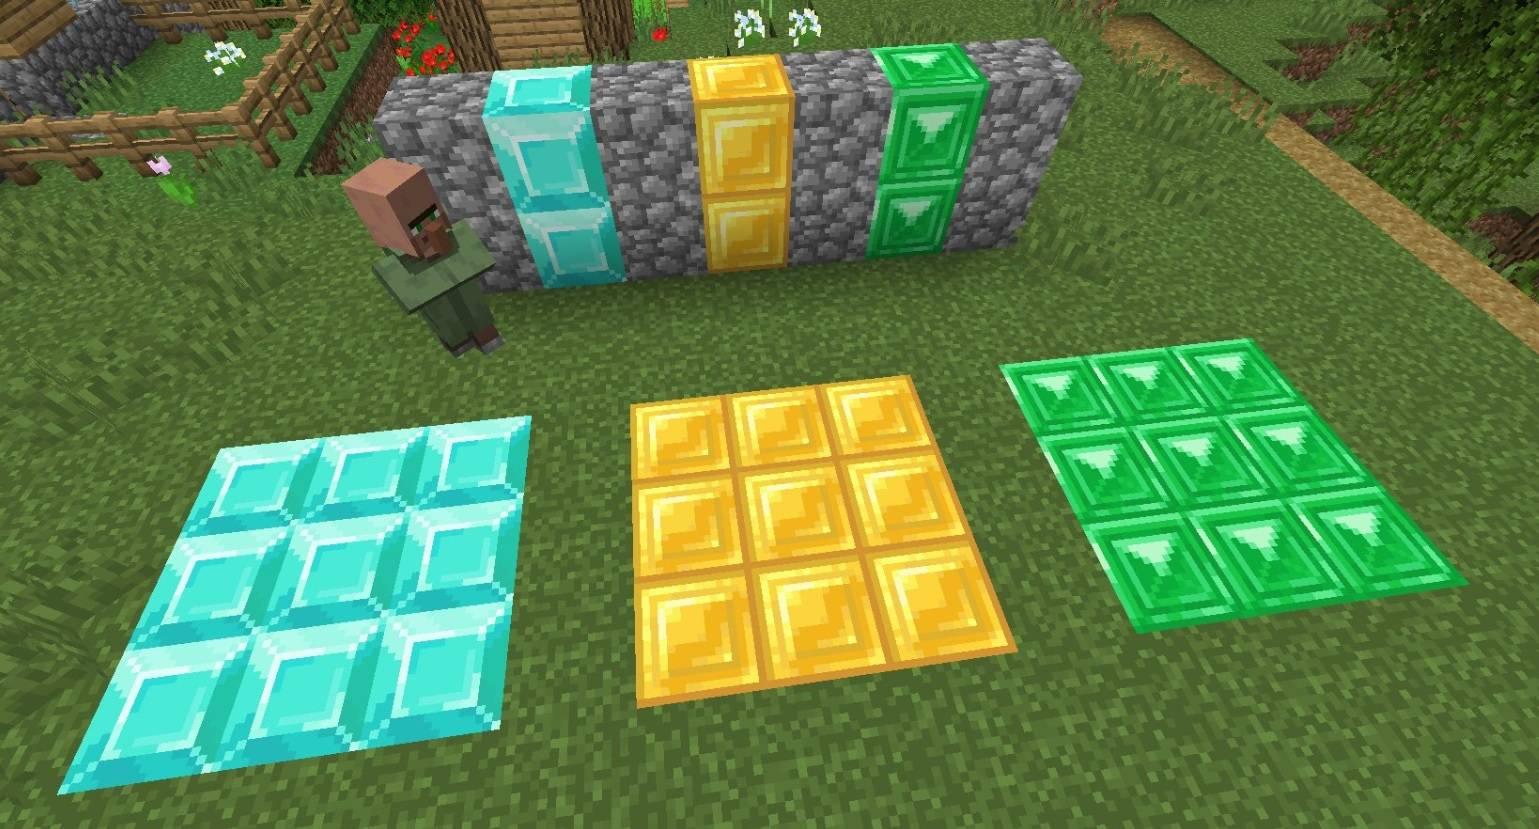 nowe tekstury diamentow emeralodow zlota minecraft 1.13